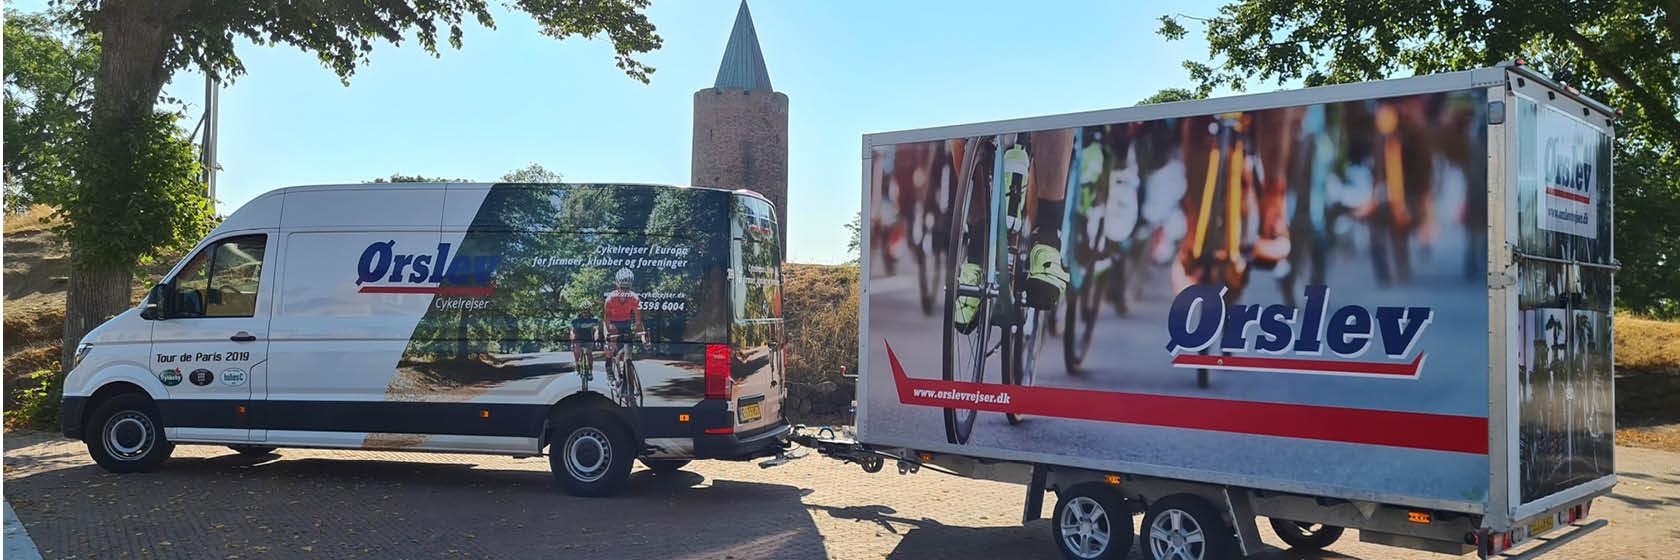 Cykelrejser og cykelevents